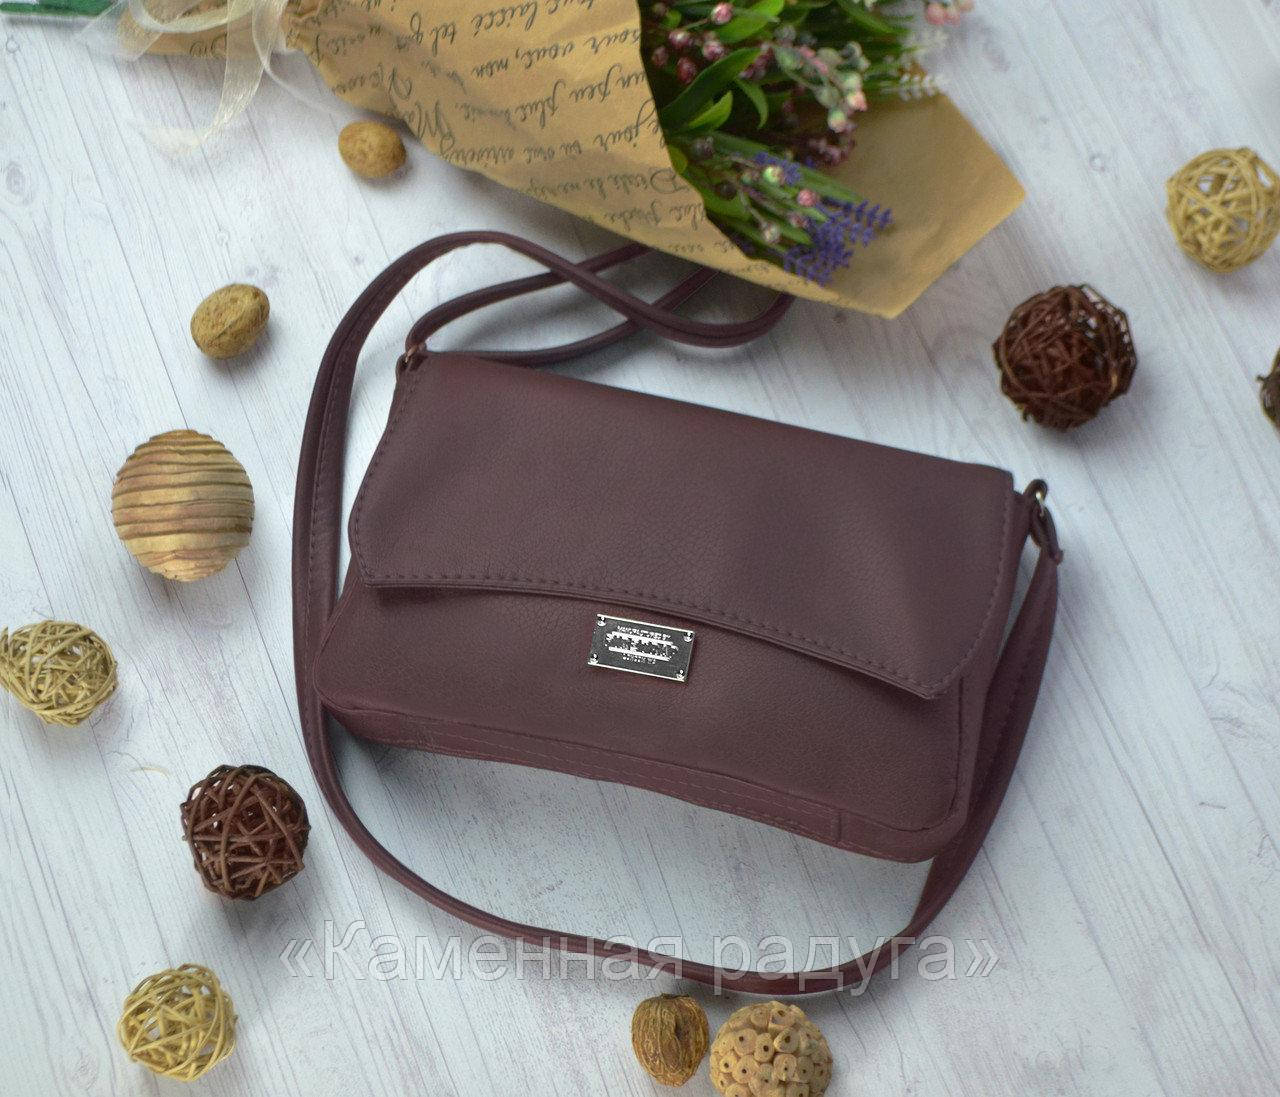 Маленькая тёмно-коричневая сумочка